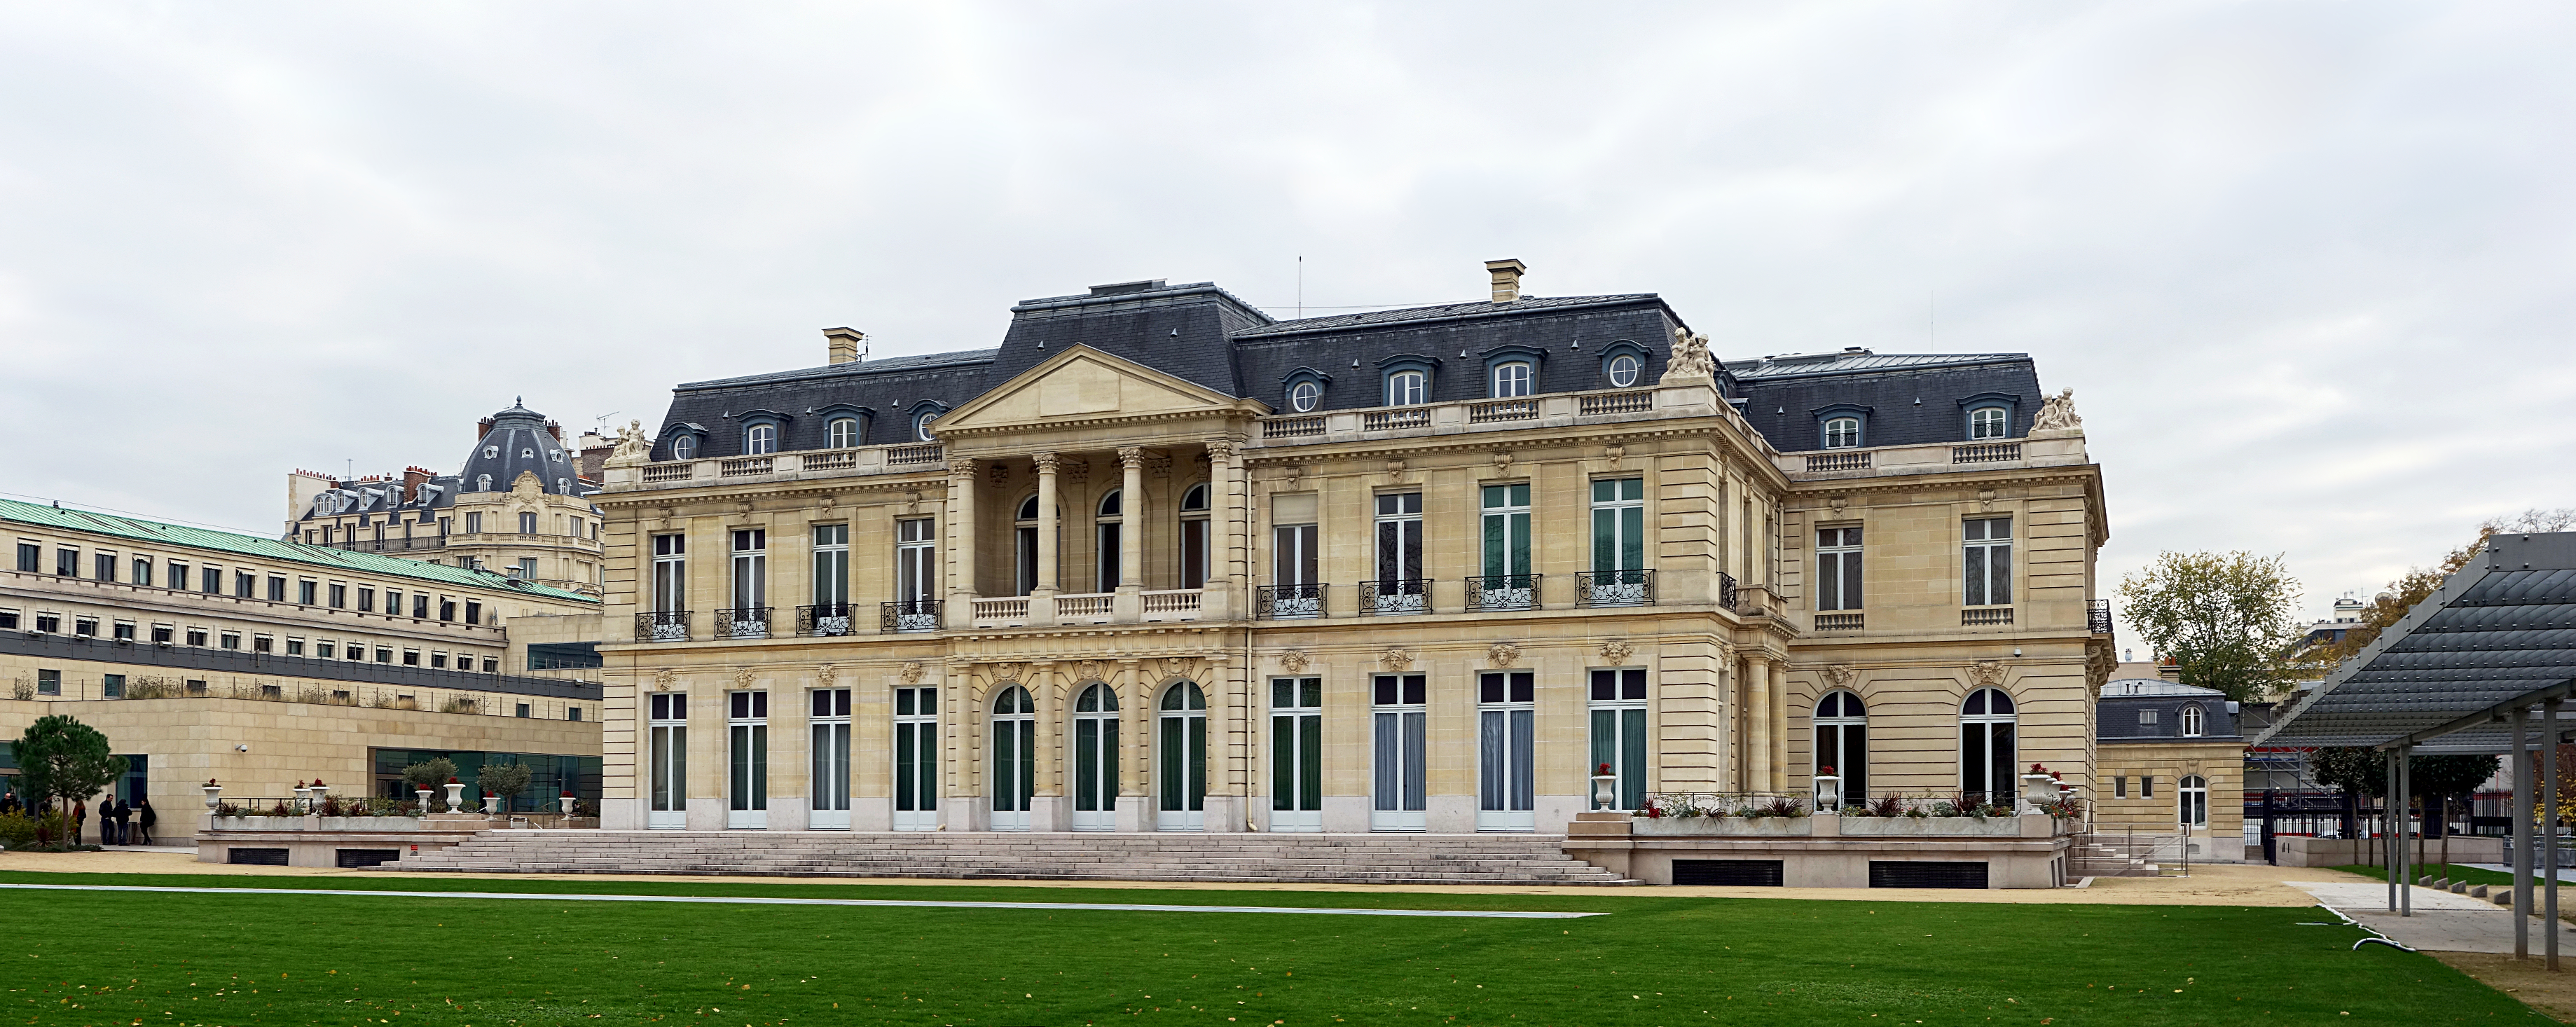 Hotel F Paris Roiby